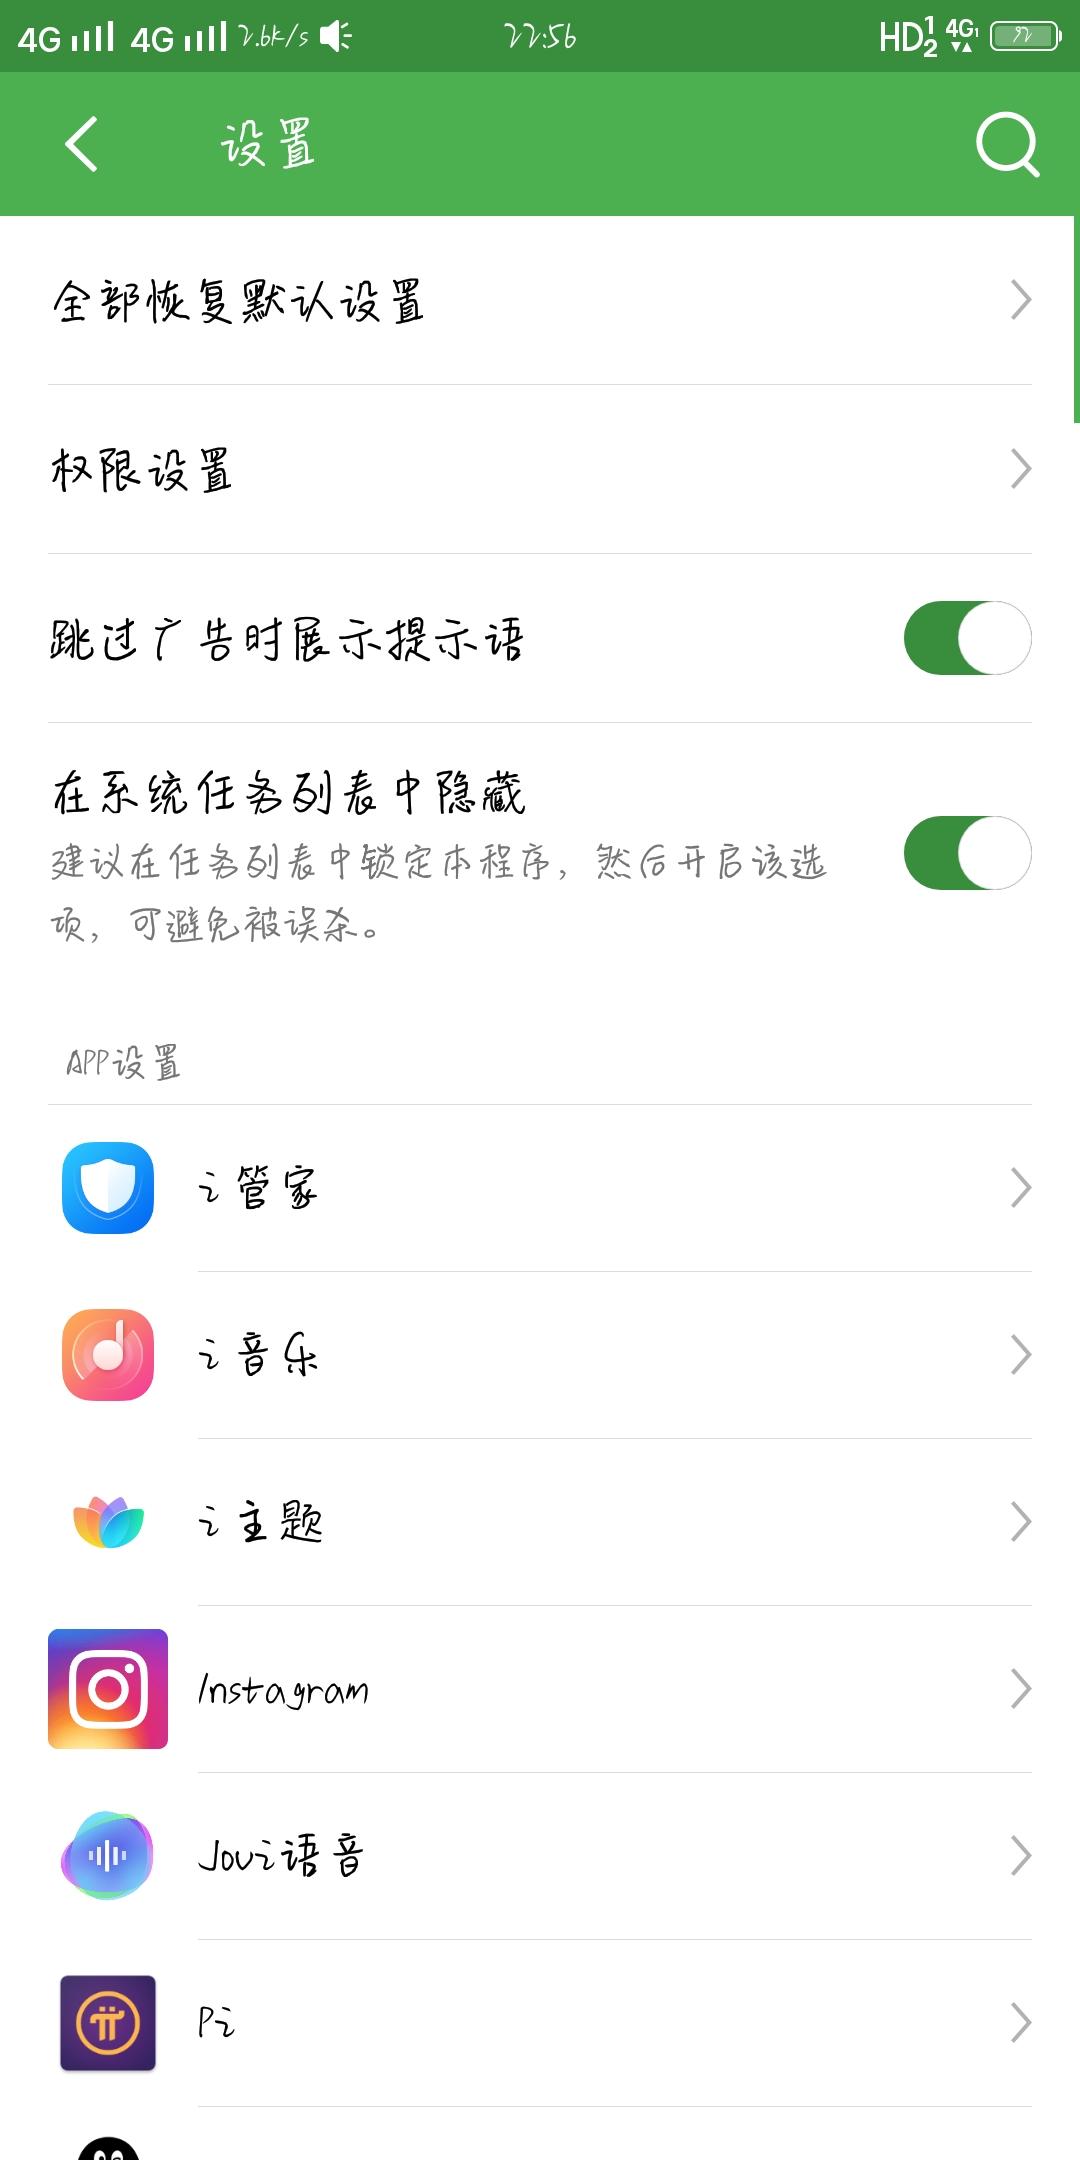 Screenshot_20191110_225654.jpg